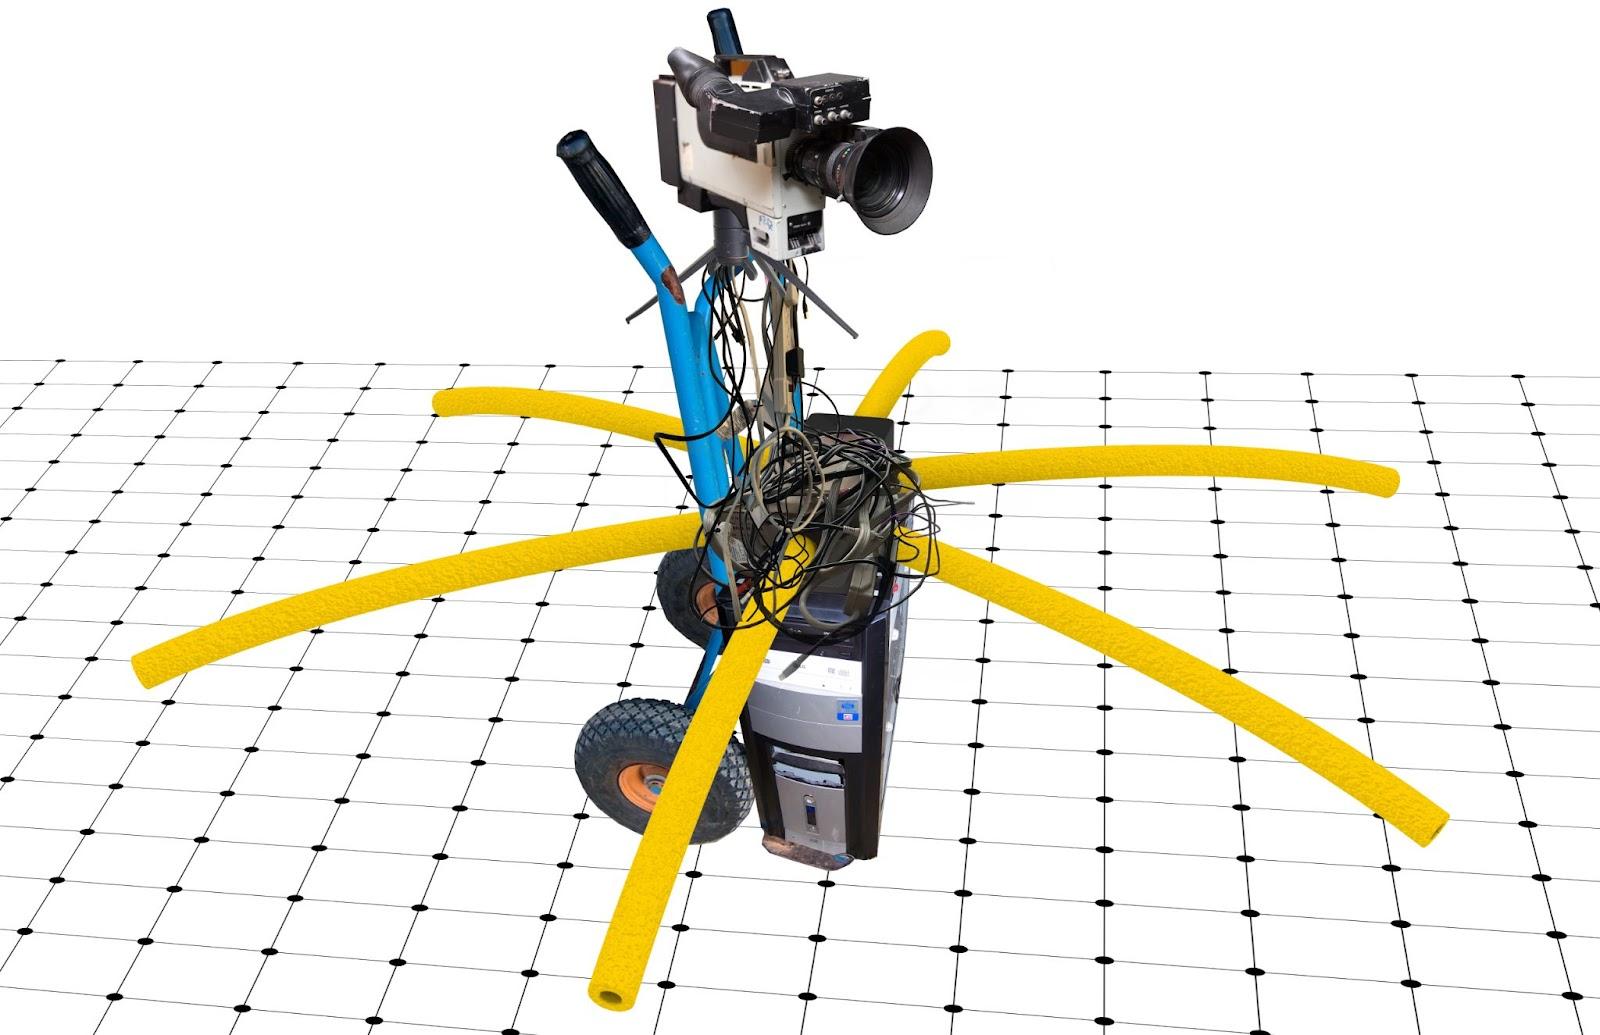 CAD rendering of Mrs. Robot